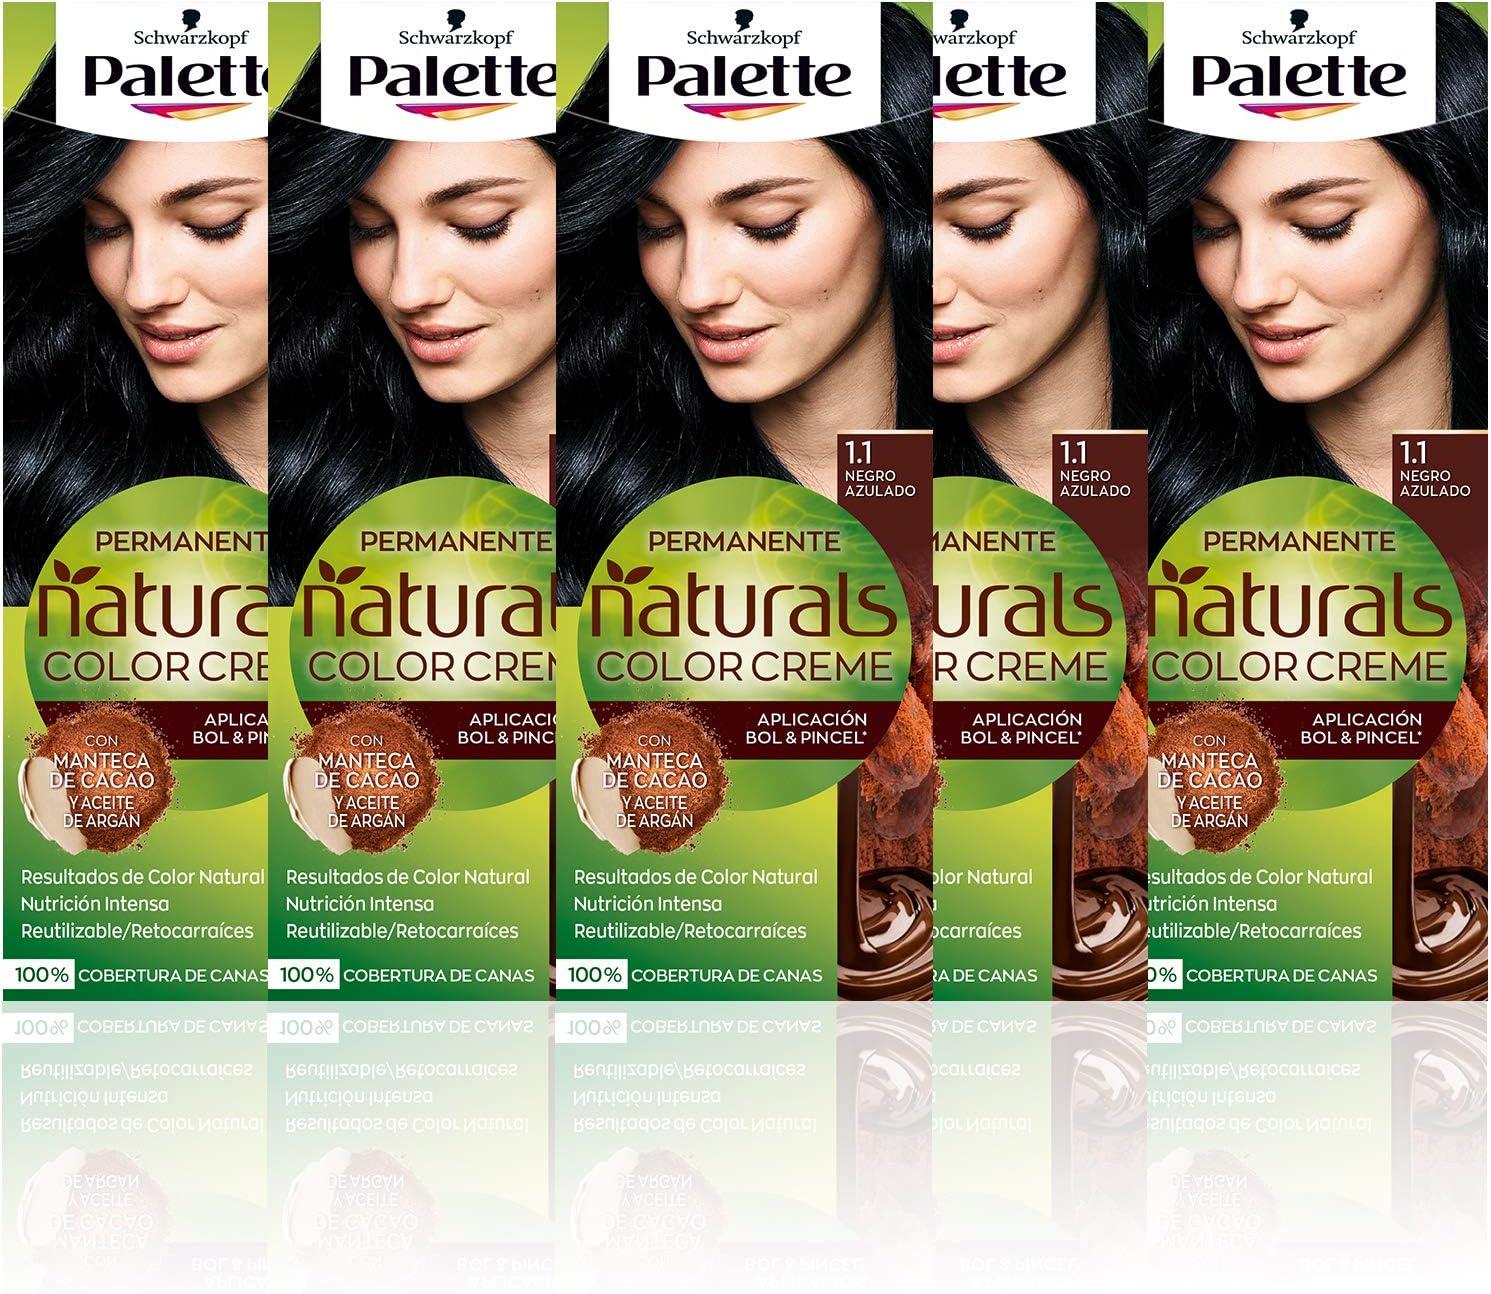 Schwarzkopf Palette Naturals Color Creme - Tono 1.1 cabello ...